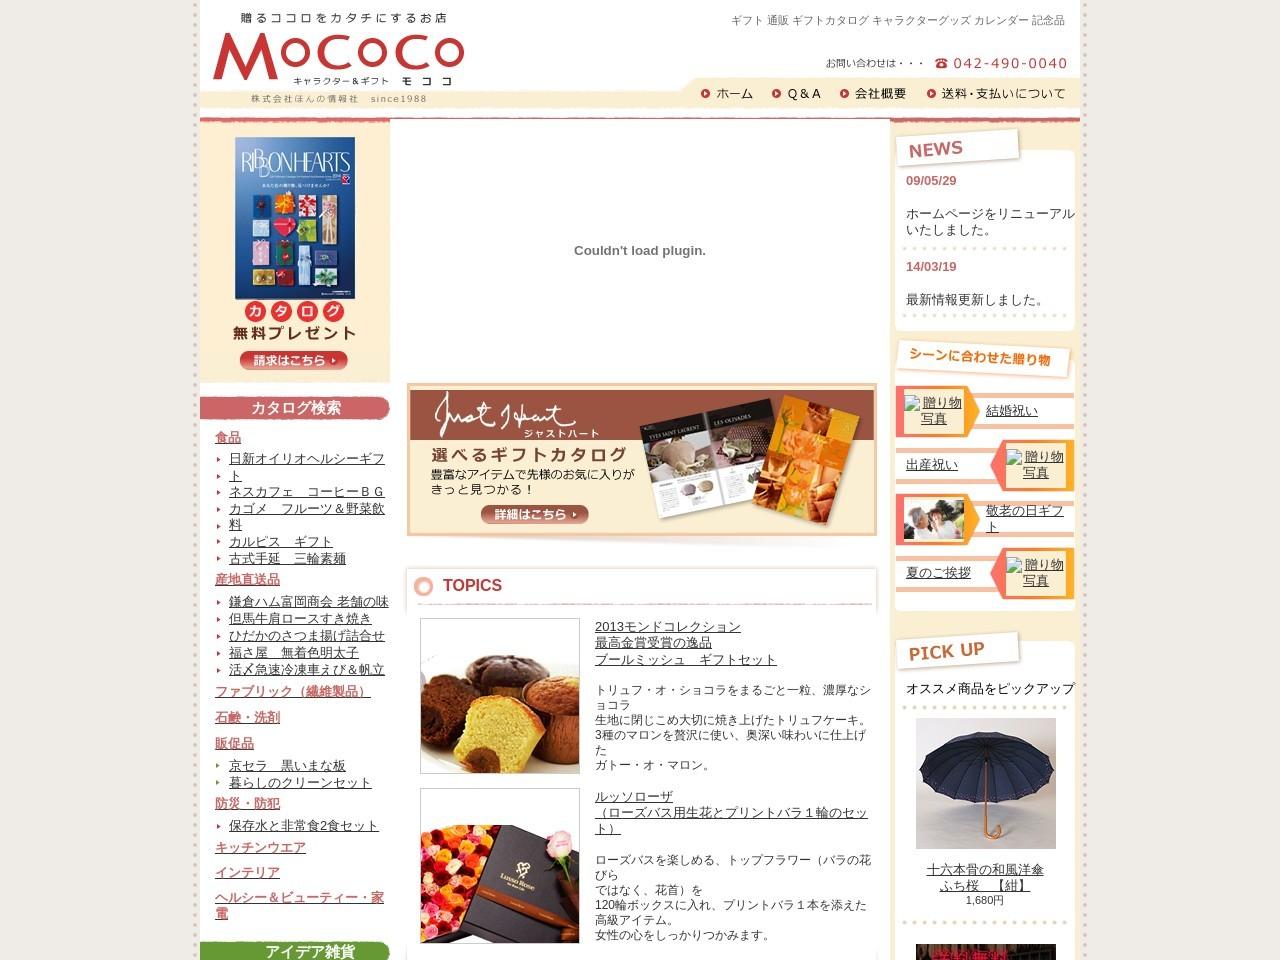 ギフト 通販 ギフトカタログ キャラクターグッズ カレンダー 記念品 MOCOCO ホーム